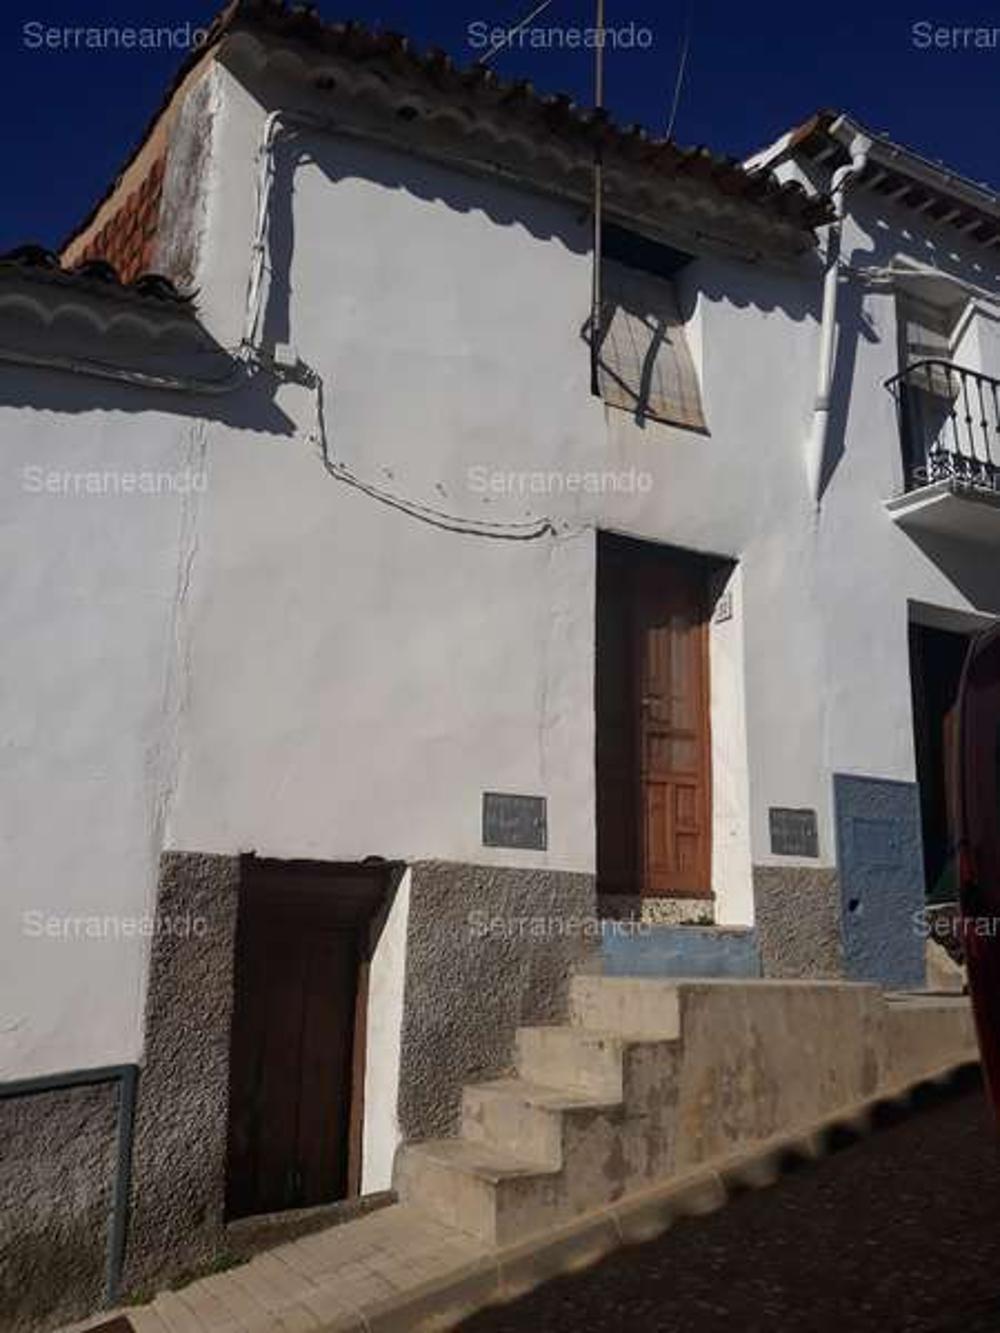 galaroza huelva terraced house foto 3521425